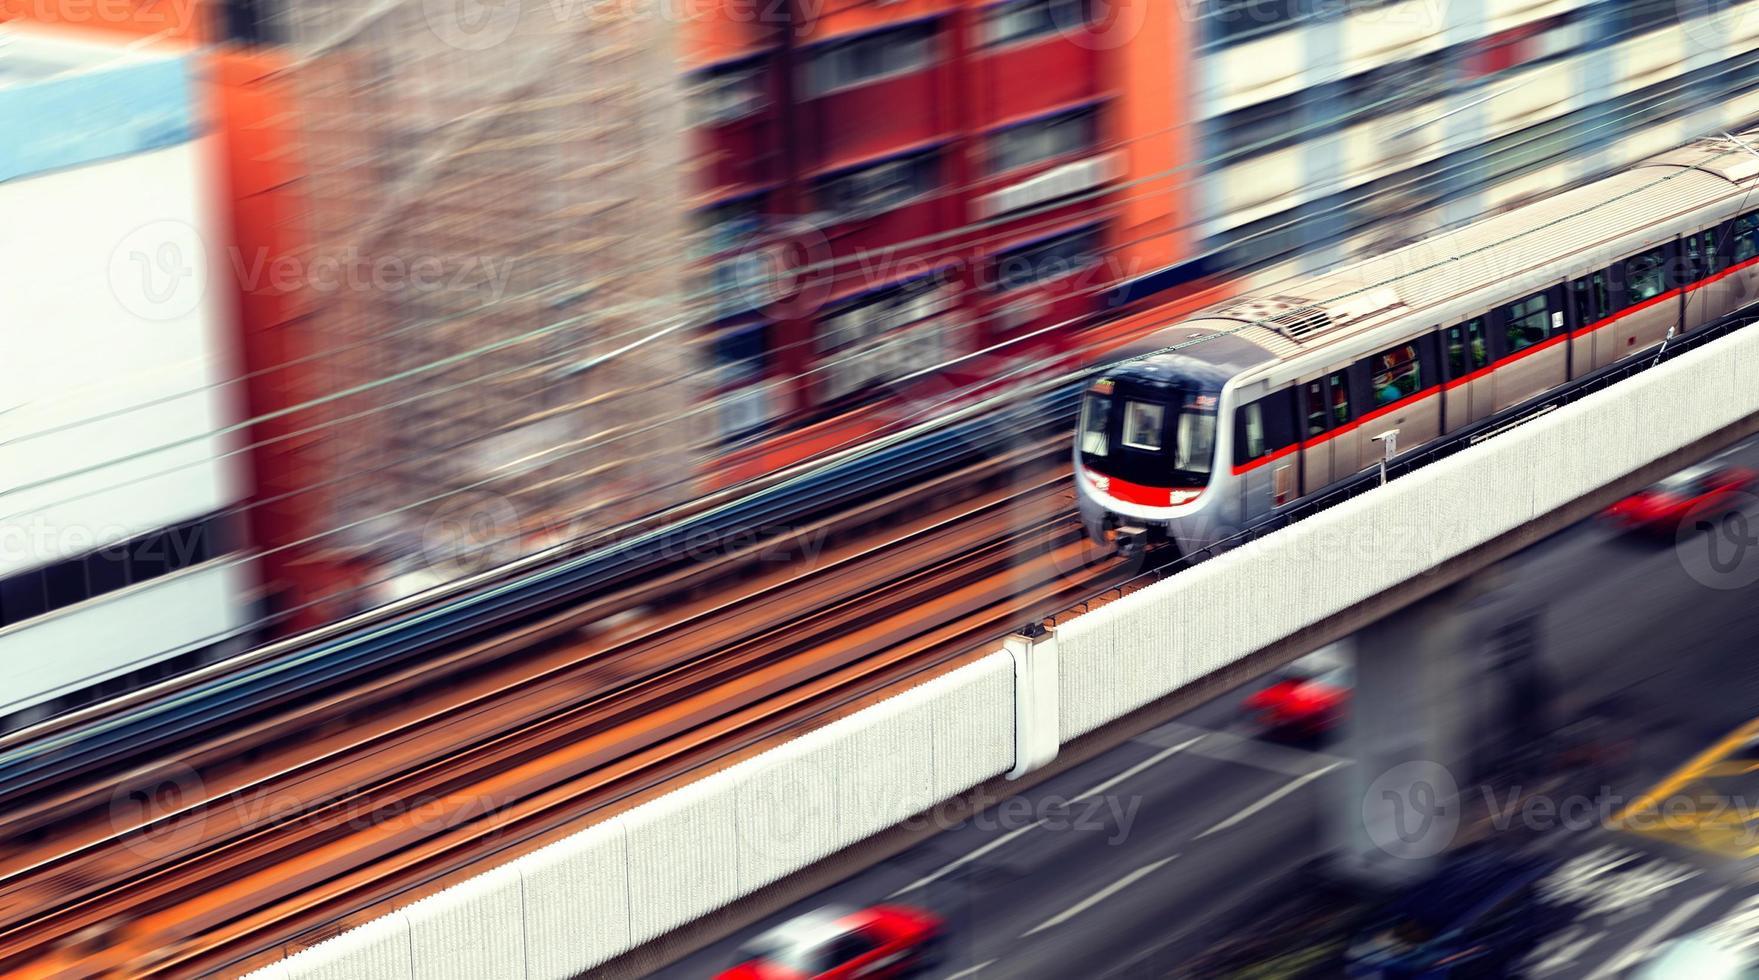 rotunda e tráfego ferroviário foto